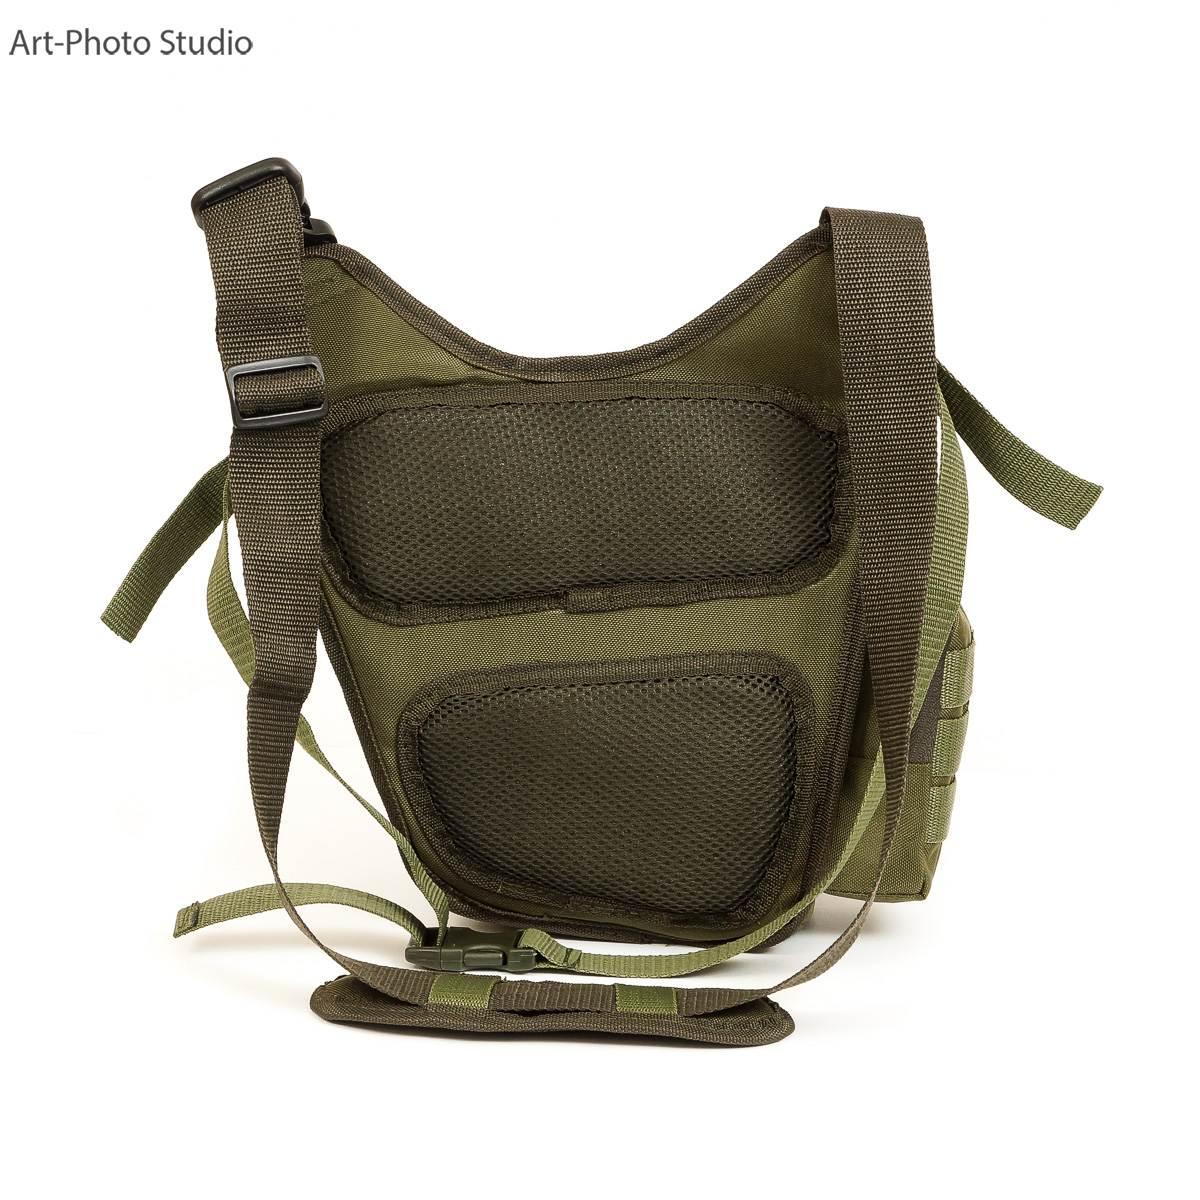 фотография тактической сумки для каталога интернет-магазина